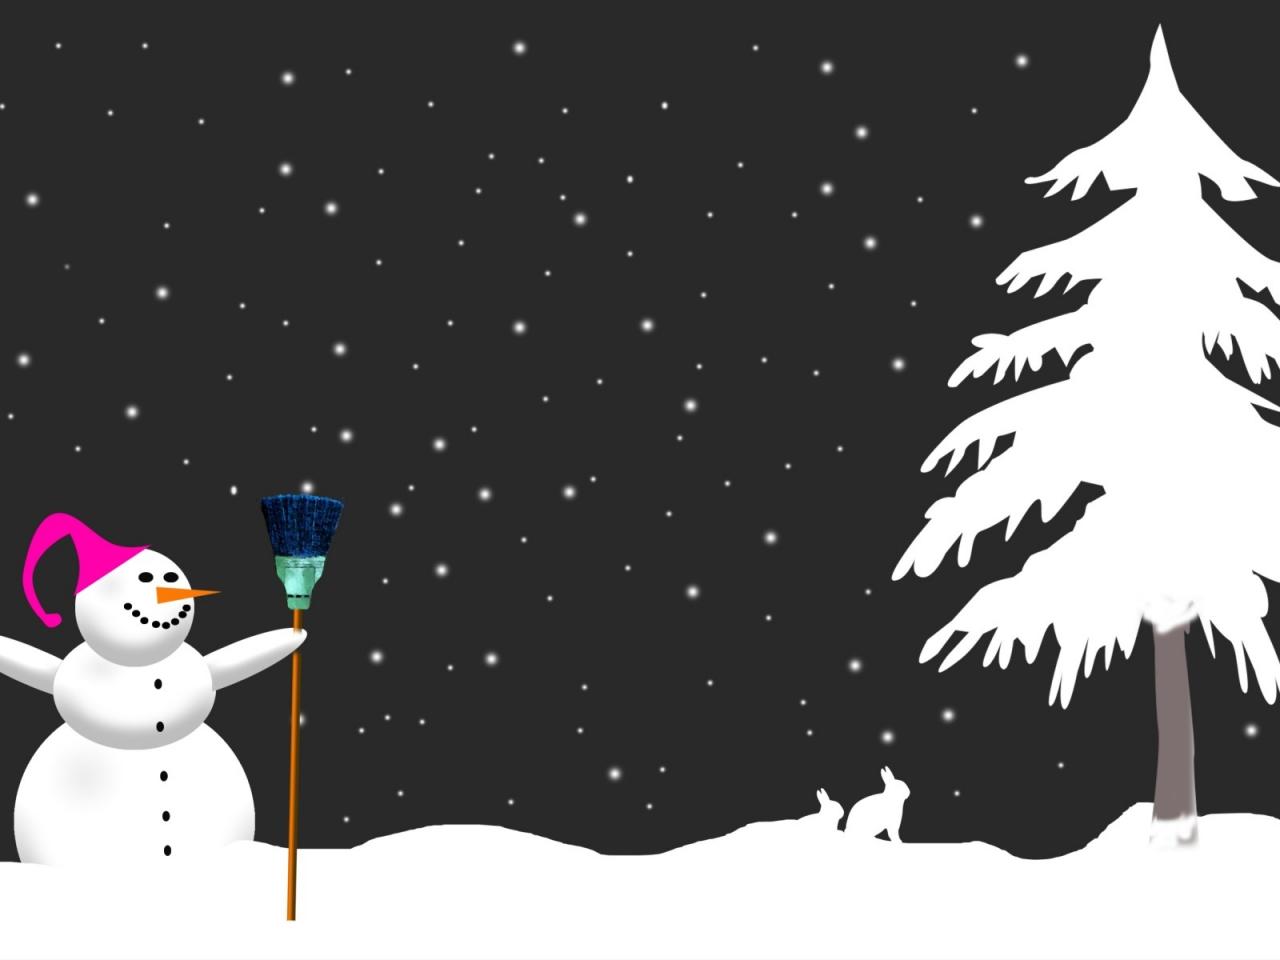 Muñeco de nieve - 1280x960